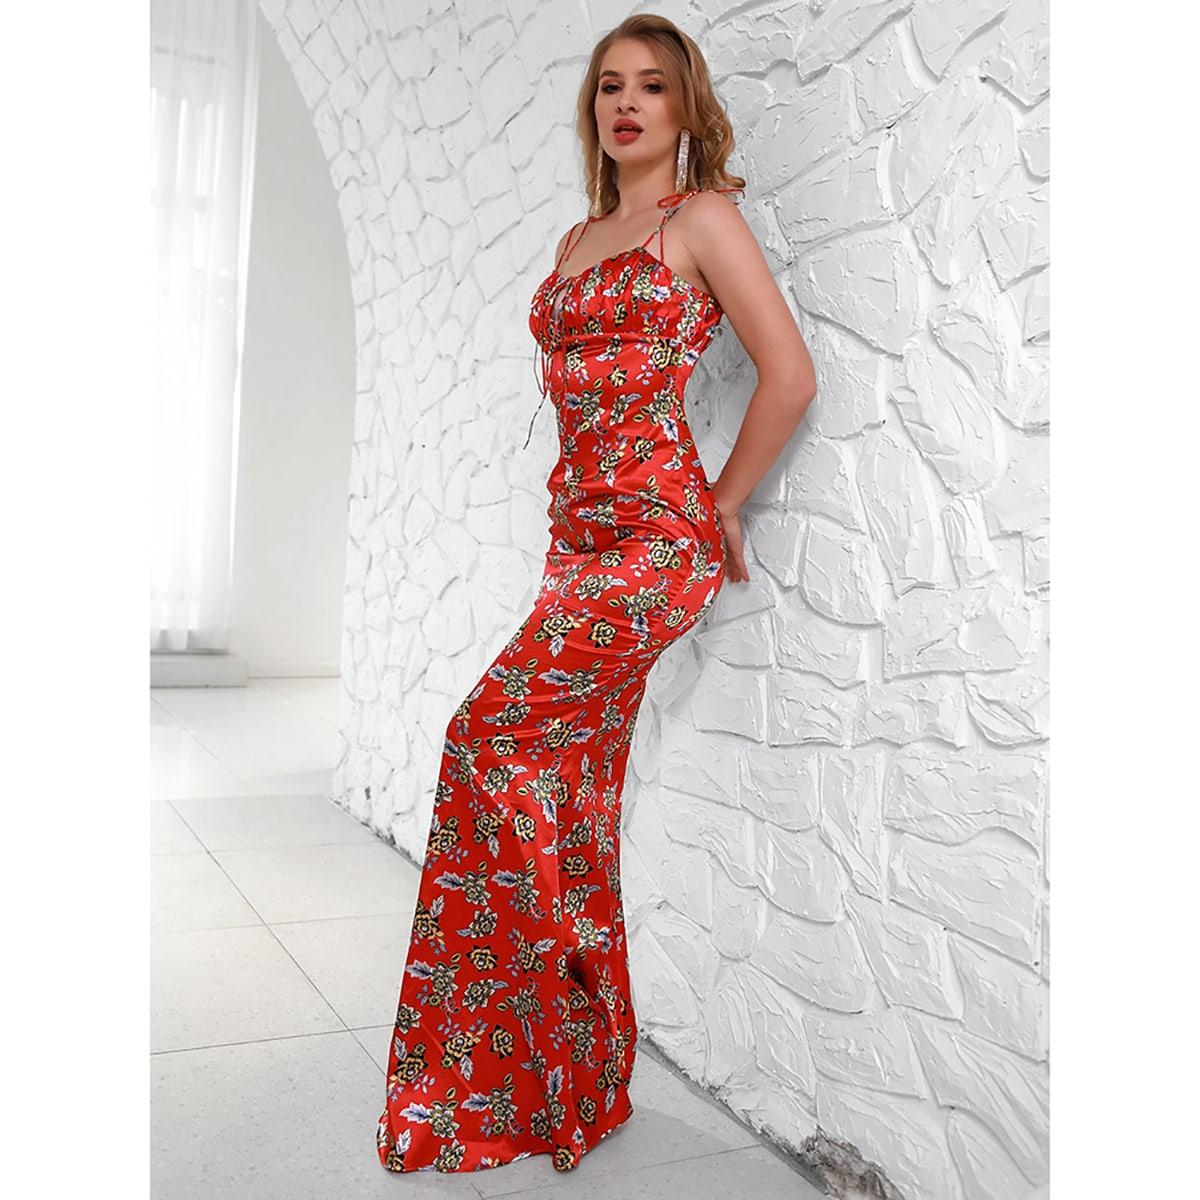 Атласное платье на бретельках с цветочным принтом SheIn swdress42210226084